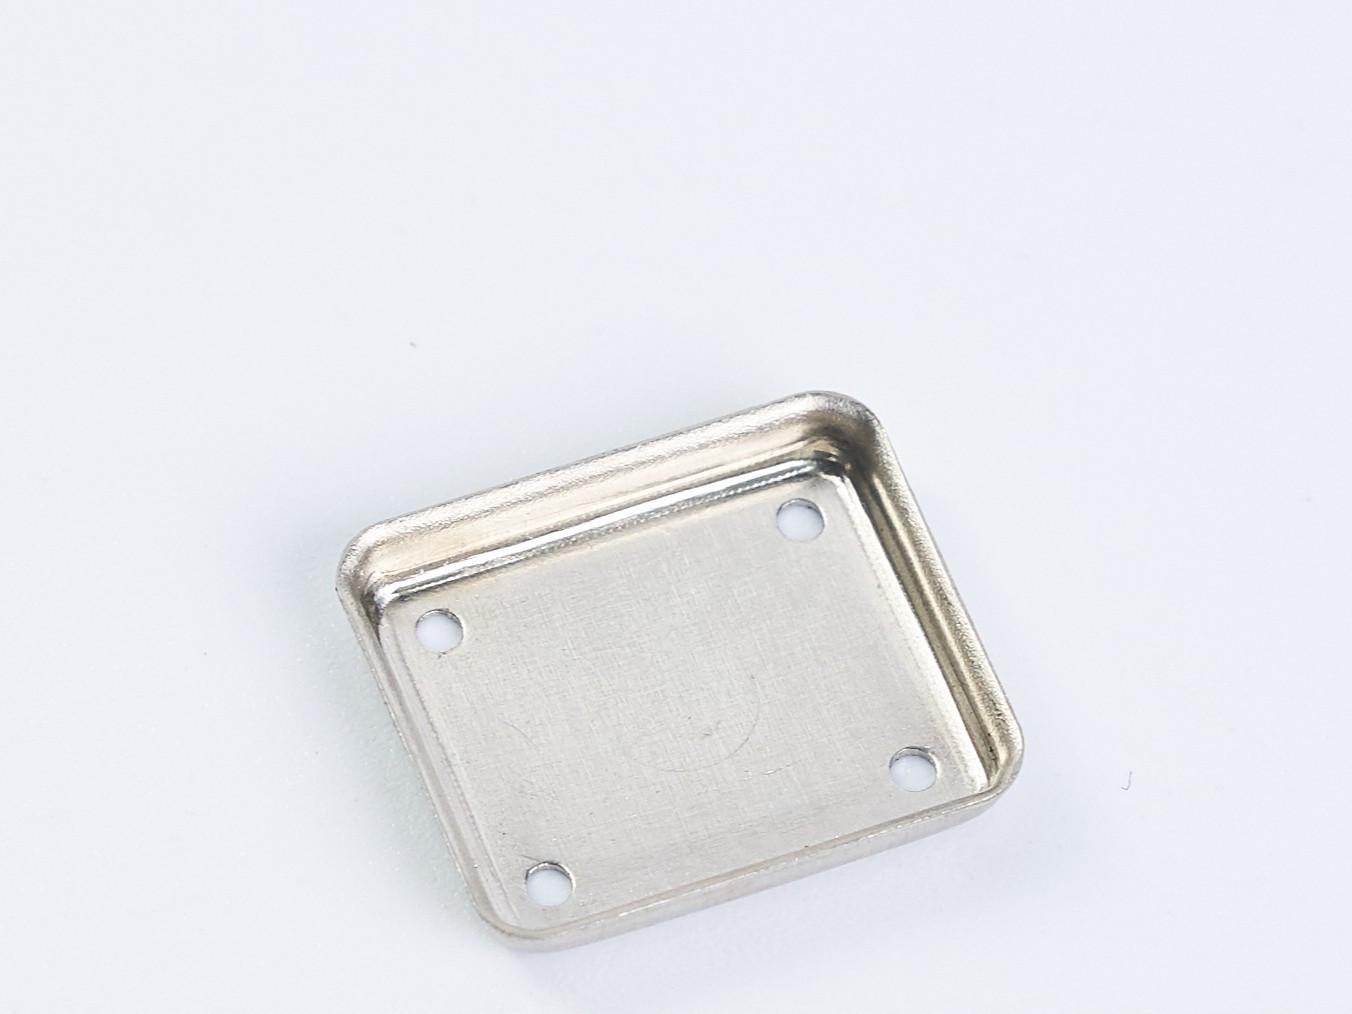 金属屏蔽罩冲压-2100万次/月-力达精工